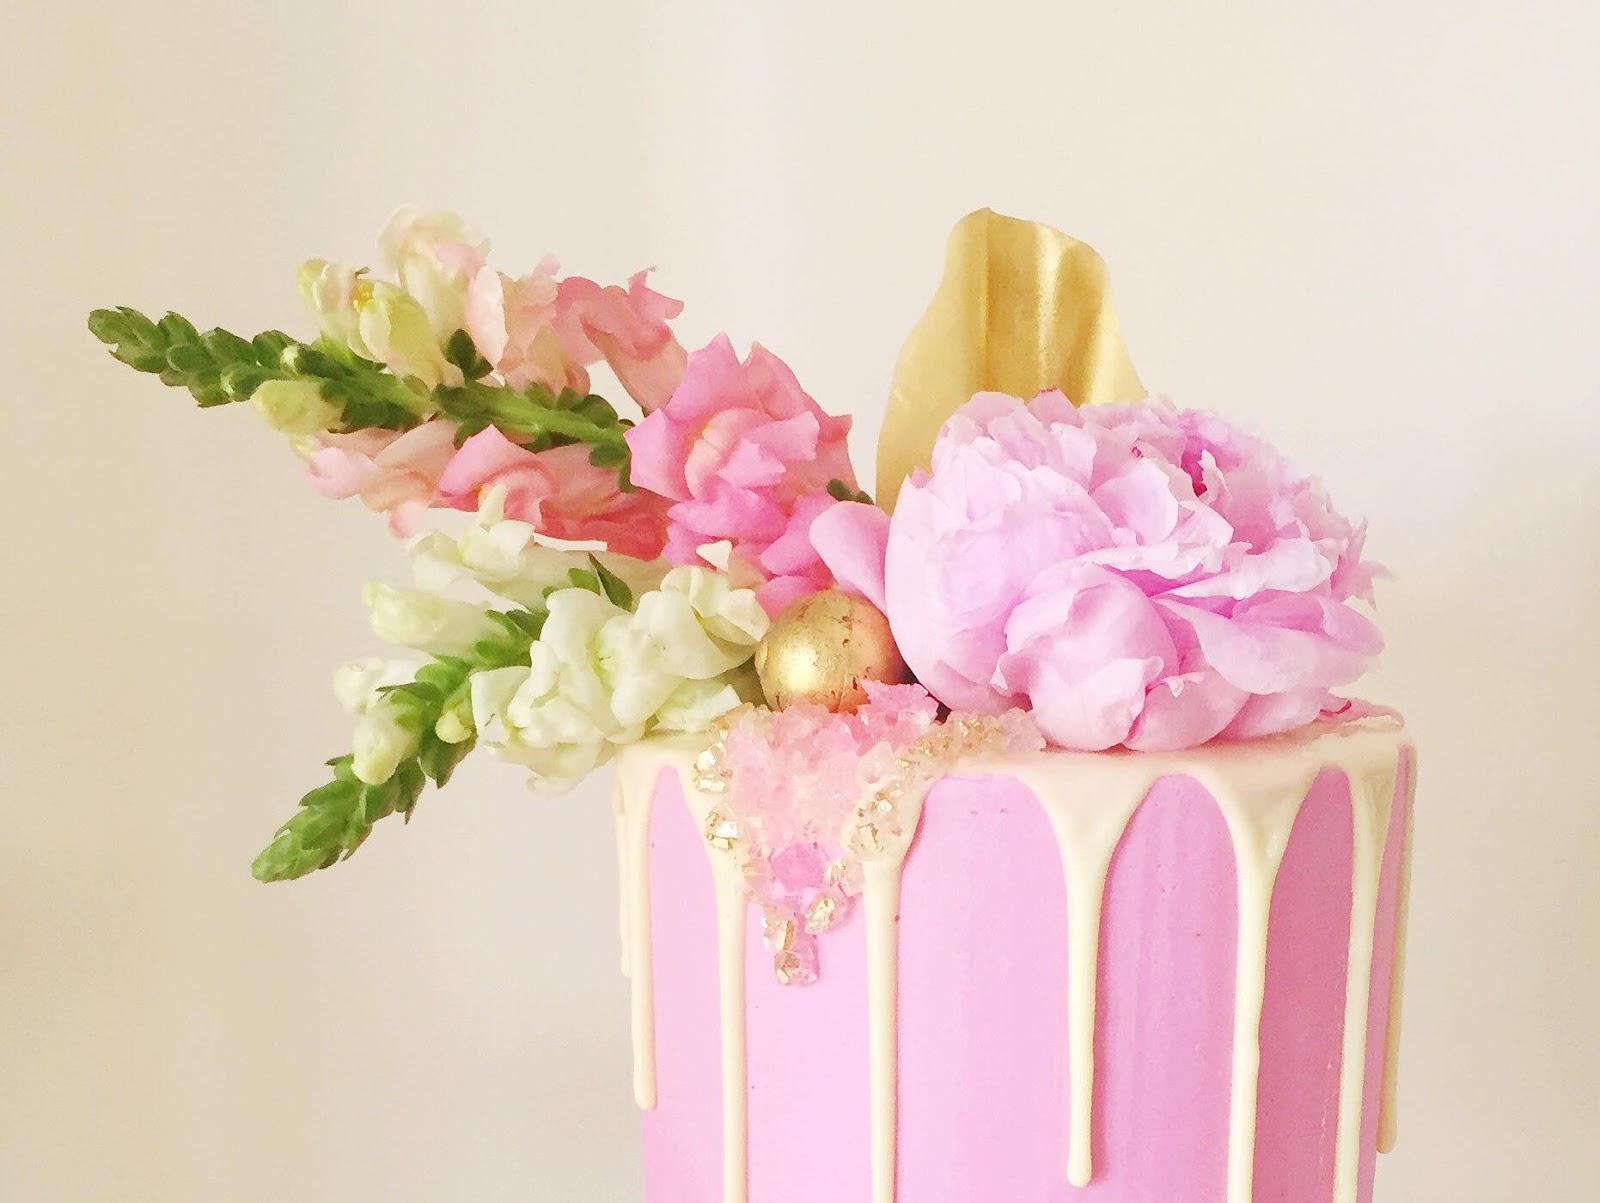 BRISBANE BESPOKE WEDDING CAKES INTERVIEW